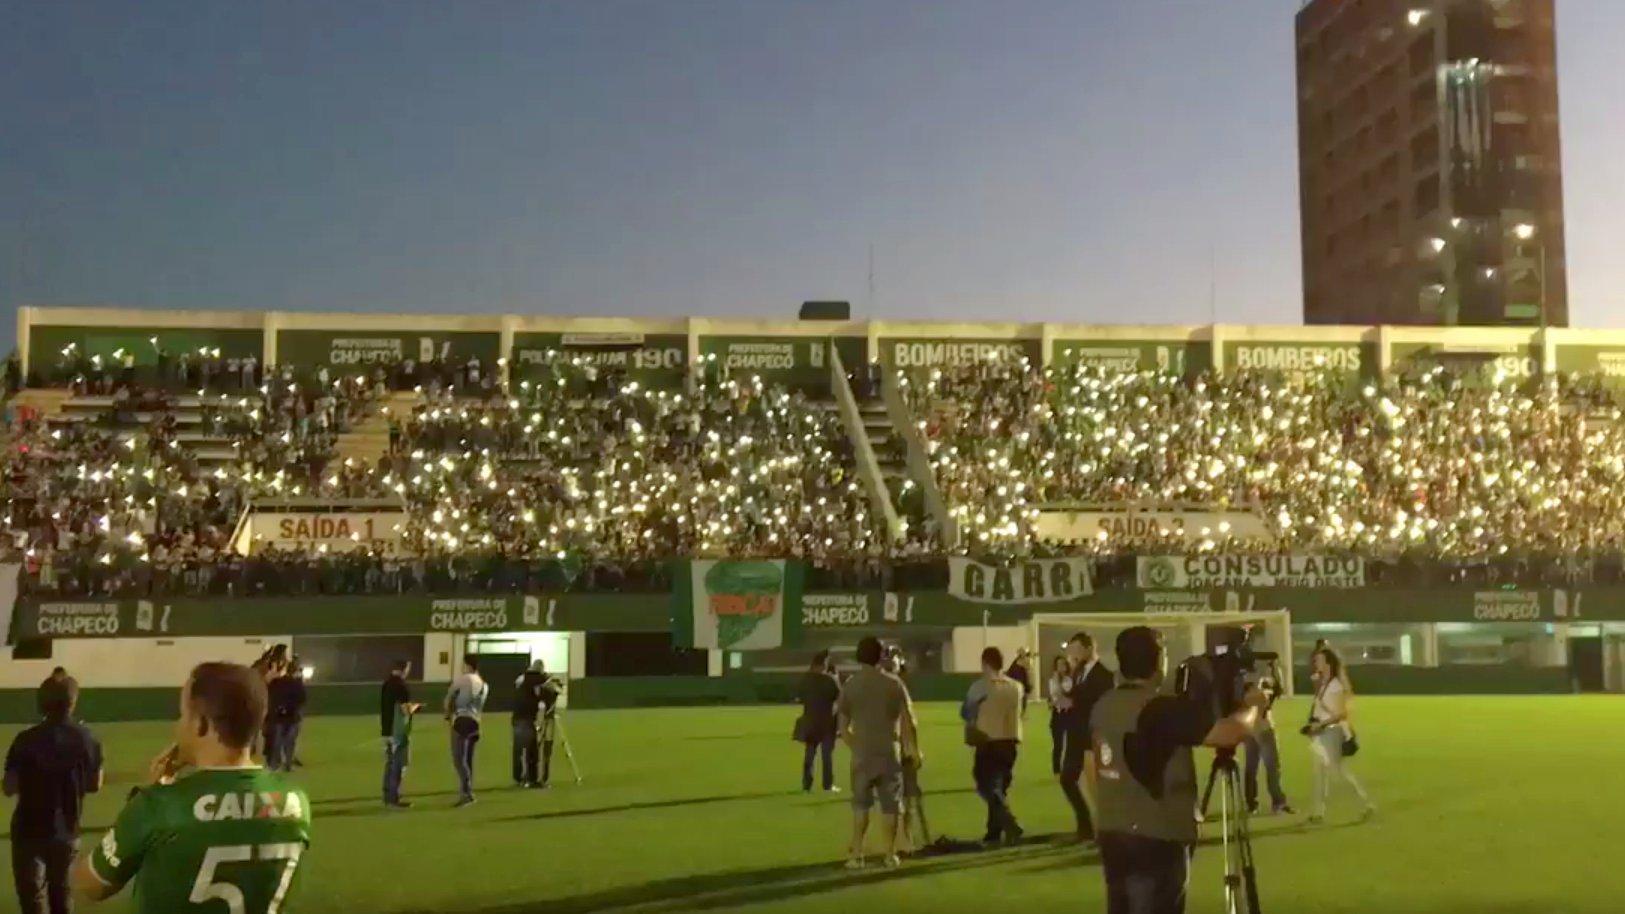 Brasilien: Chapecoense-Fans trauern um ihr Team